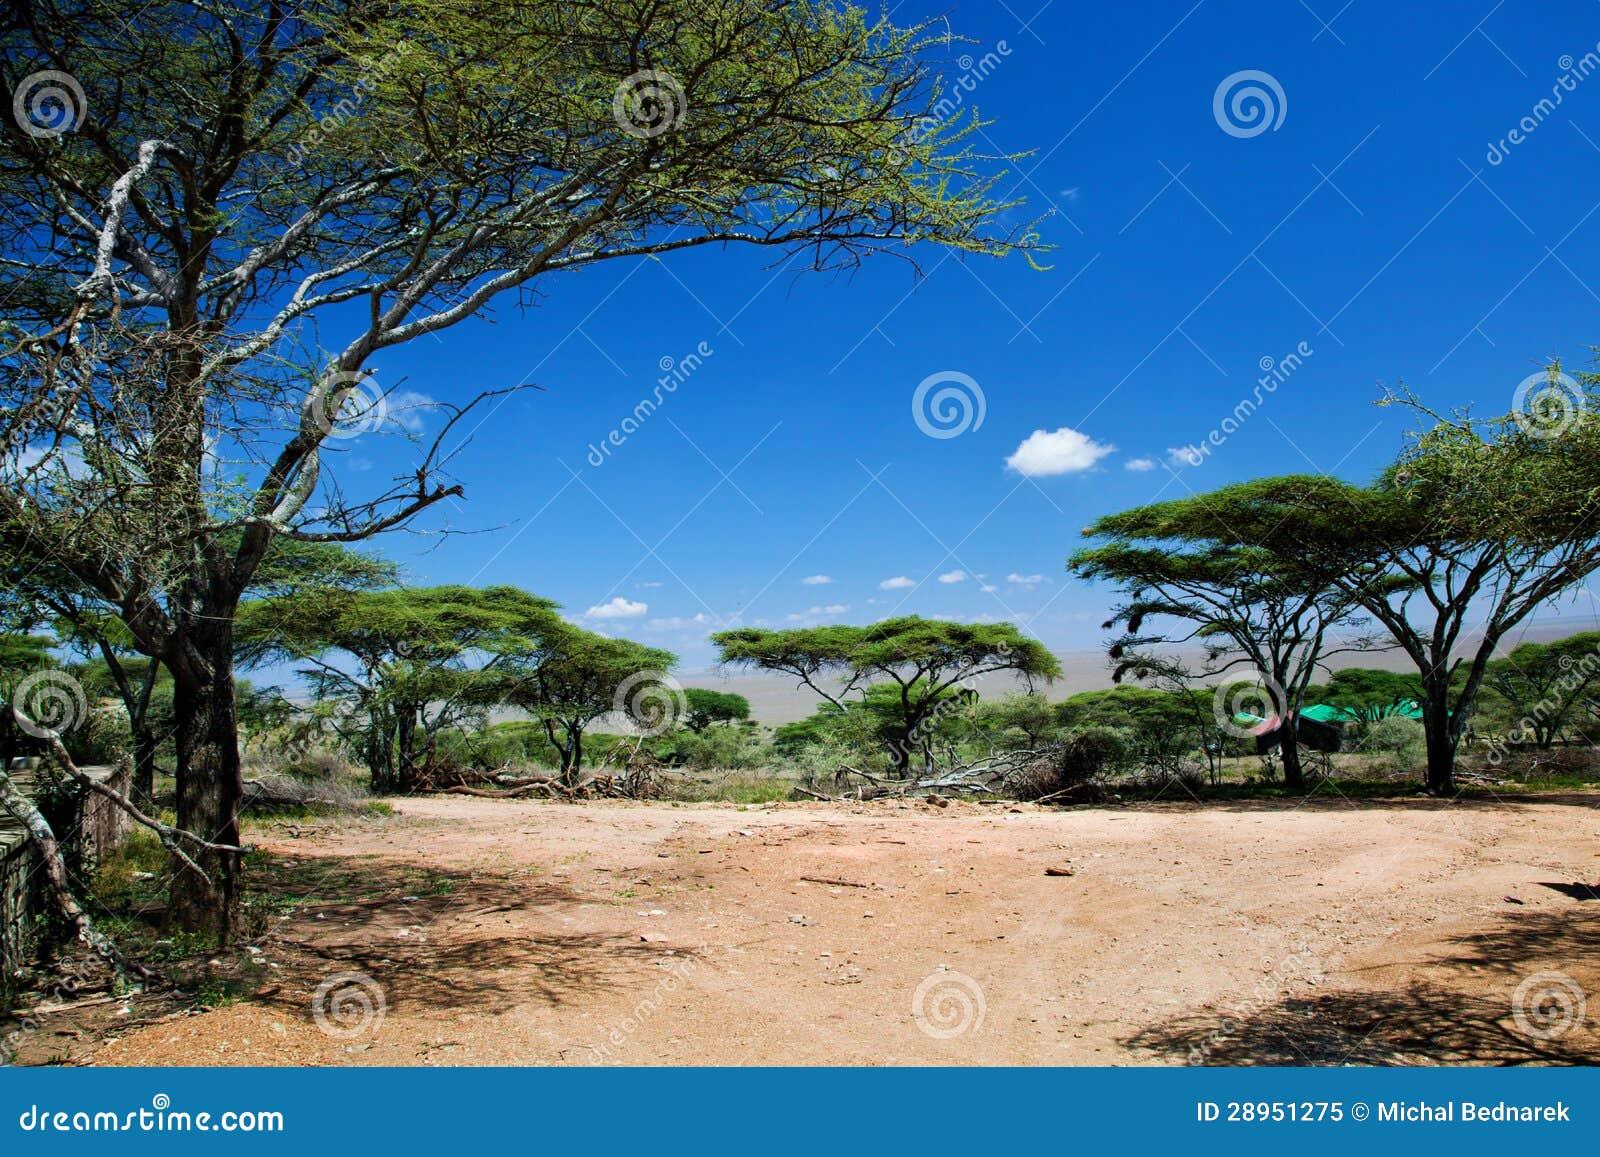 Sawanna krajobraz w Afryka, Serengeti, Tanzania